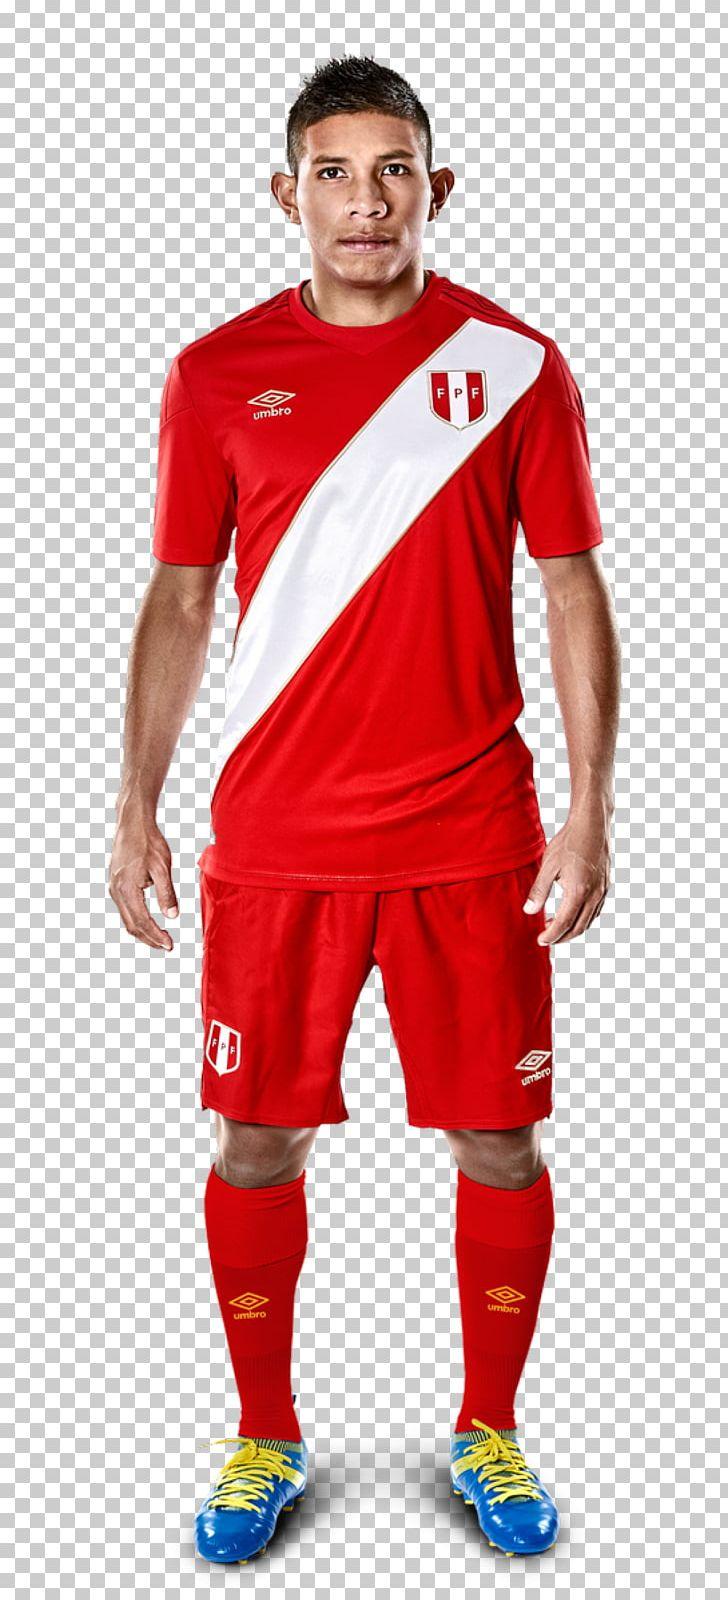 sale retailer 1c453 e68e3 Peru National Football Team 2018 World Cup Iceland National ...